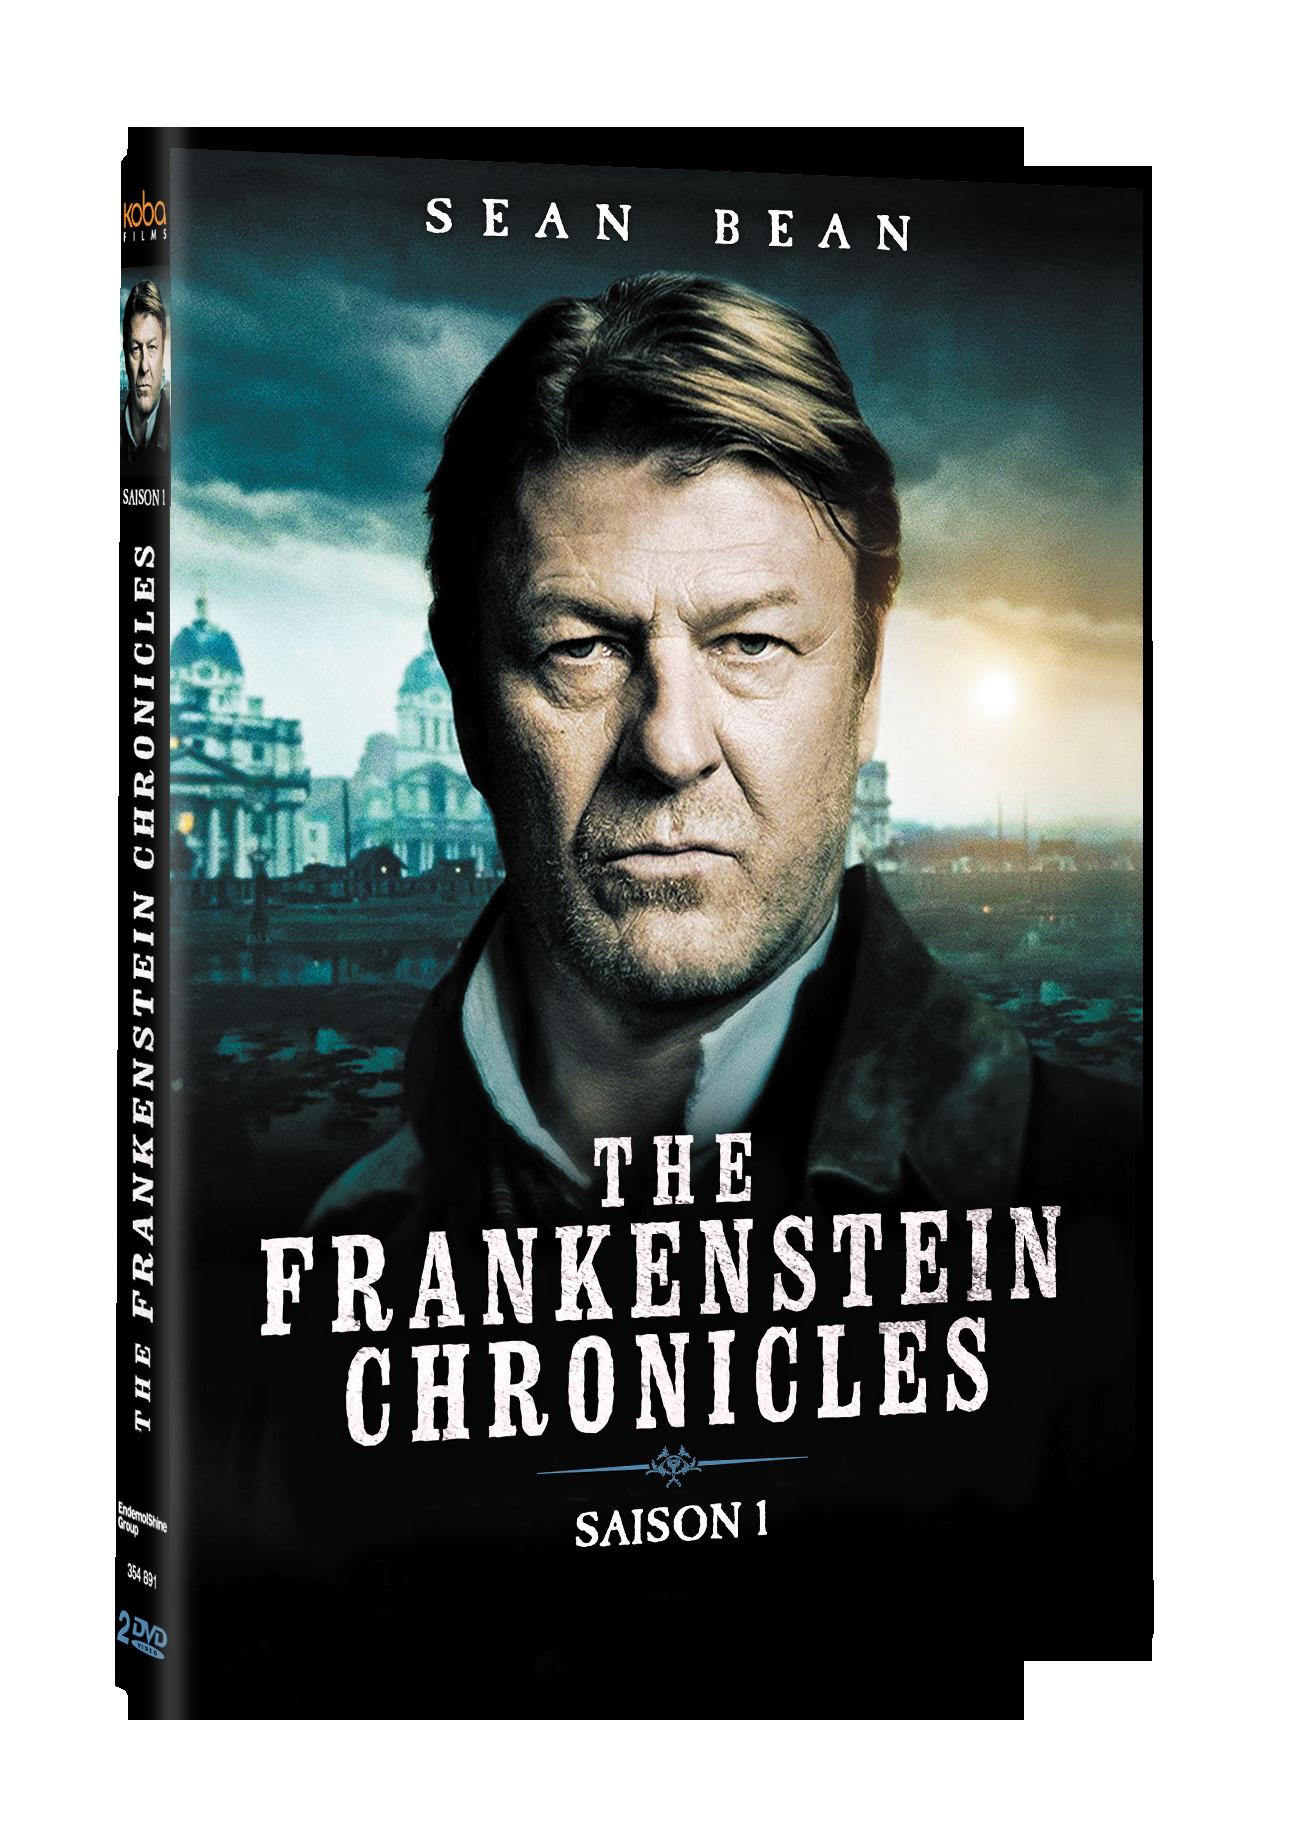 FRANKENSTEIN CHRONICLES (THE) - SAISON 1 (2 DVD)